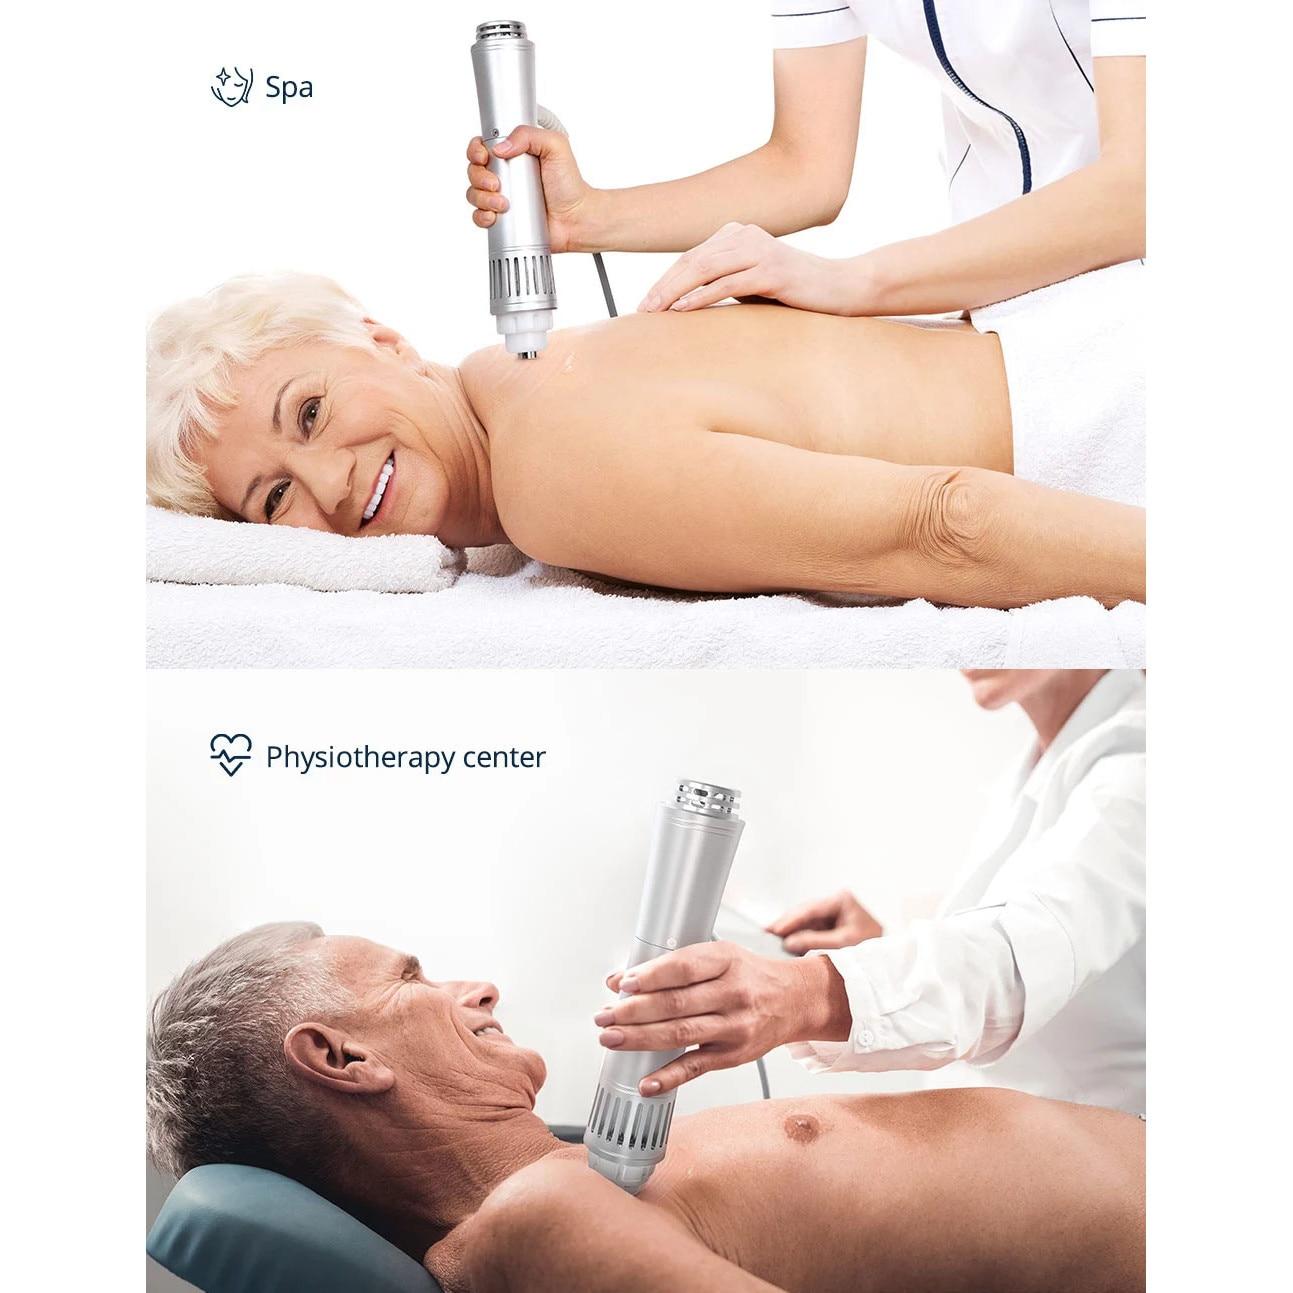 tratamentul fizioterapiei durerilor de genunchi